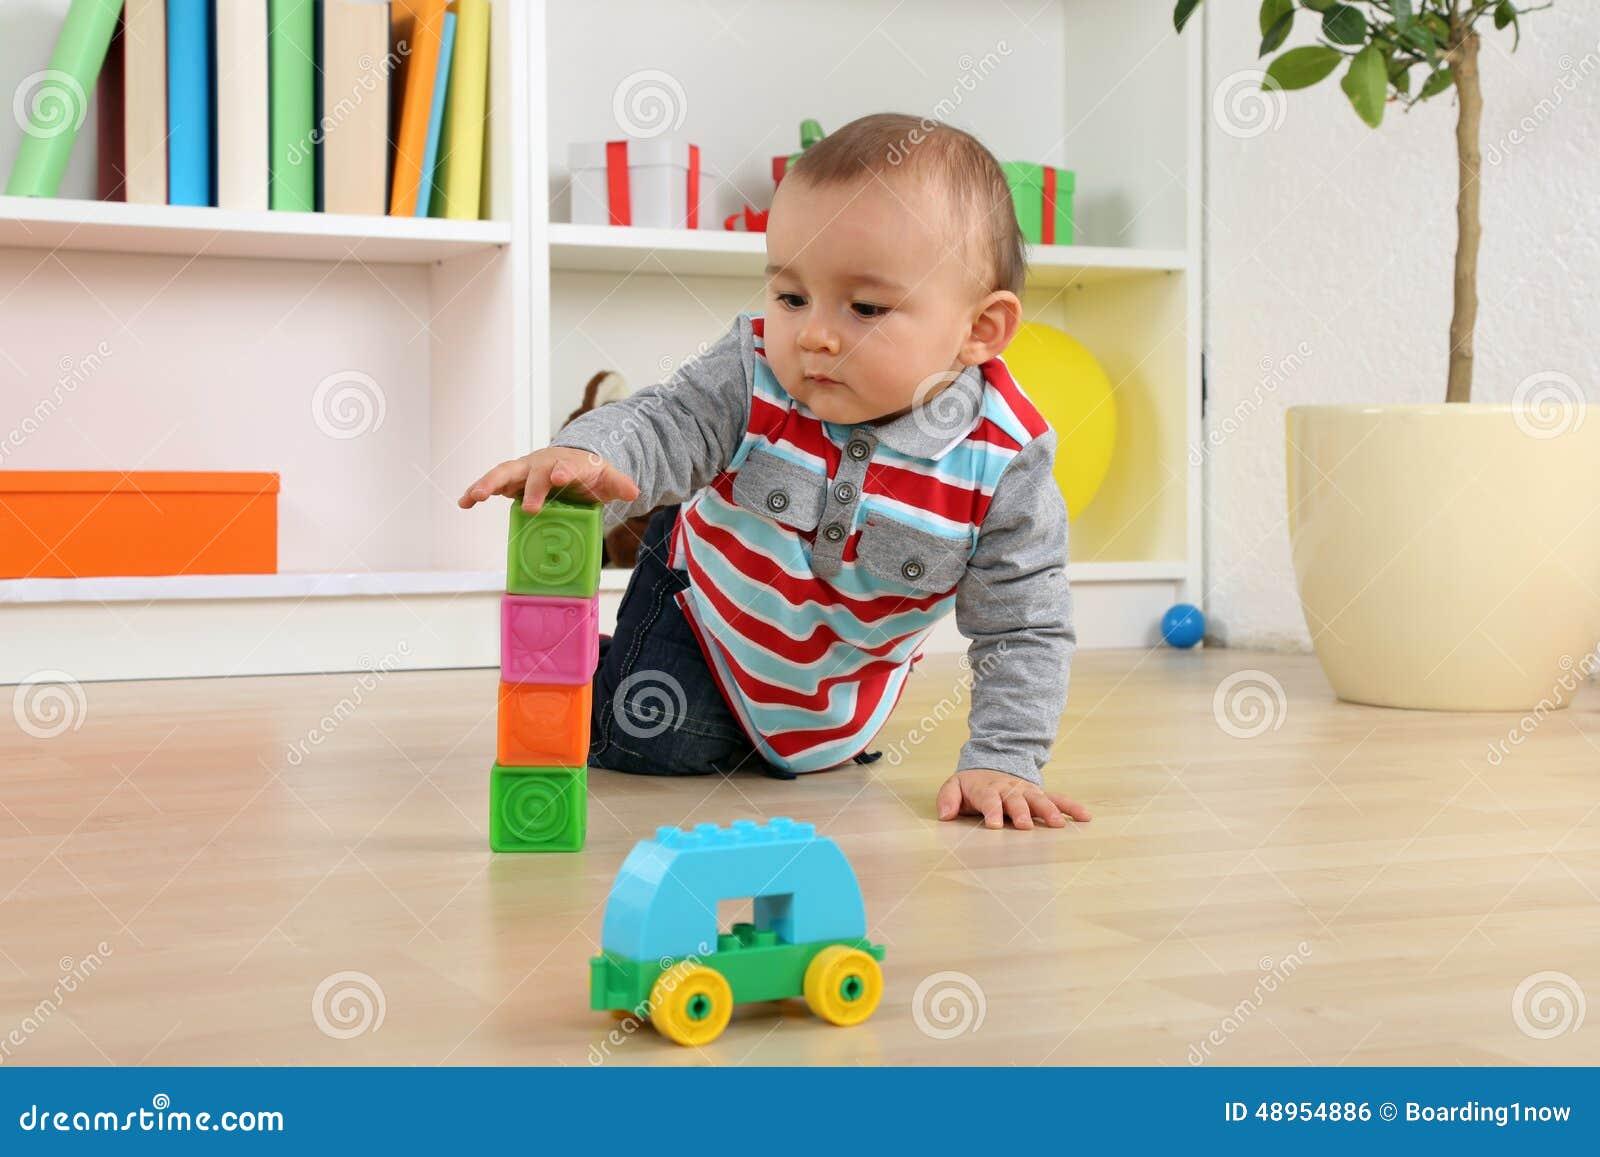 Kid Play Cube